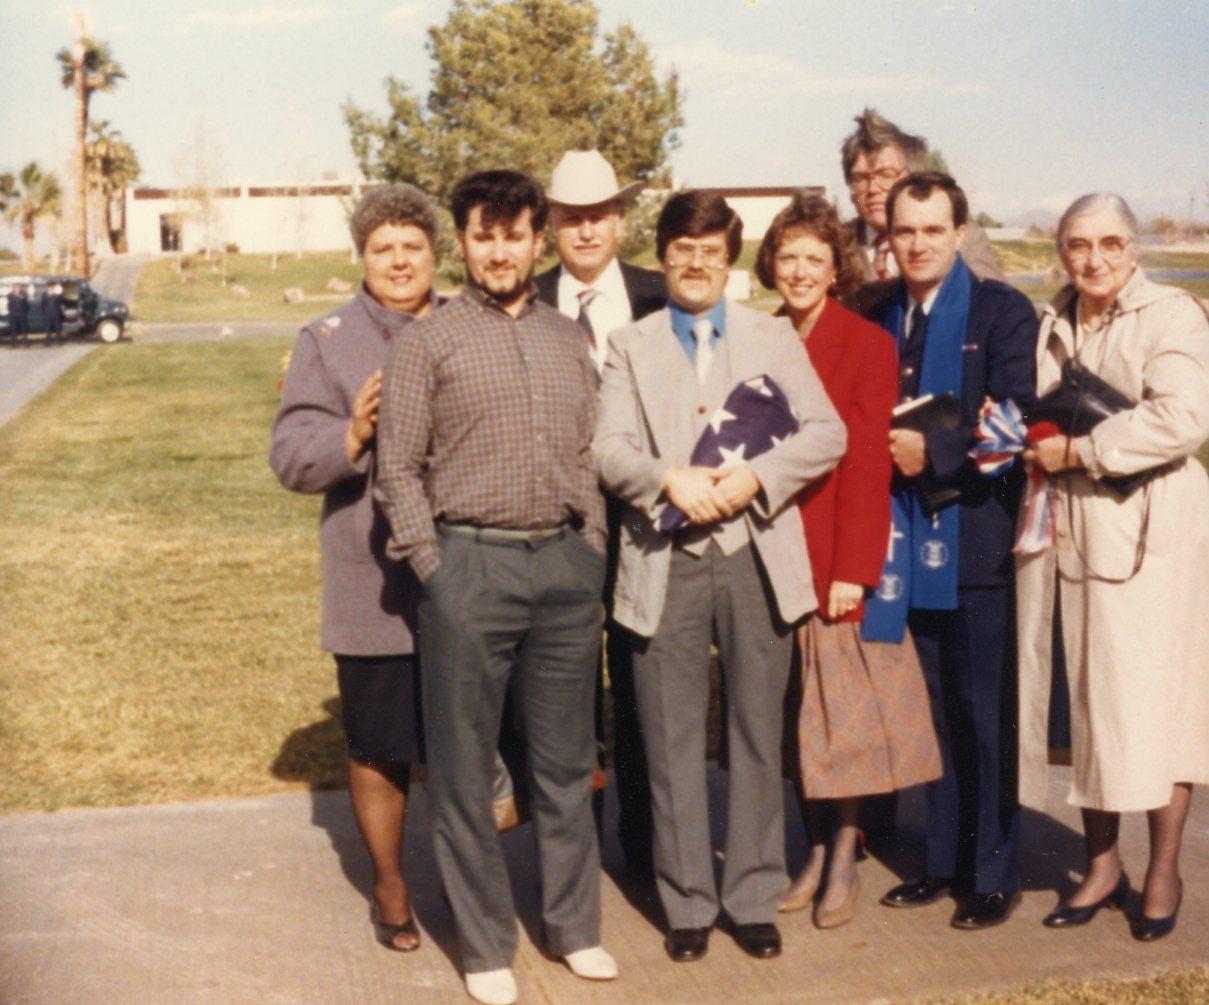 Family at memorial service in Las Vegas